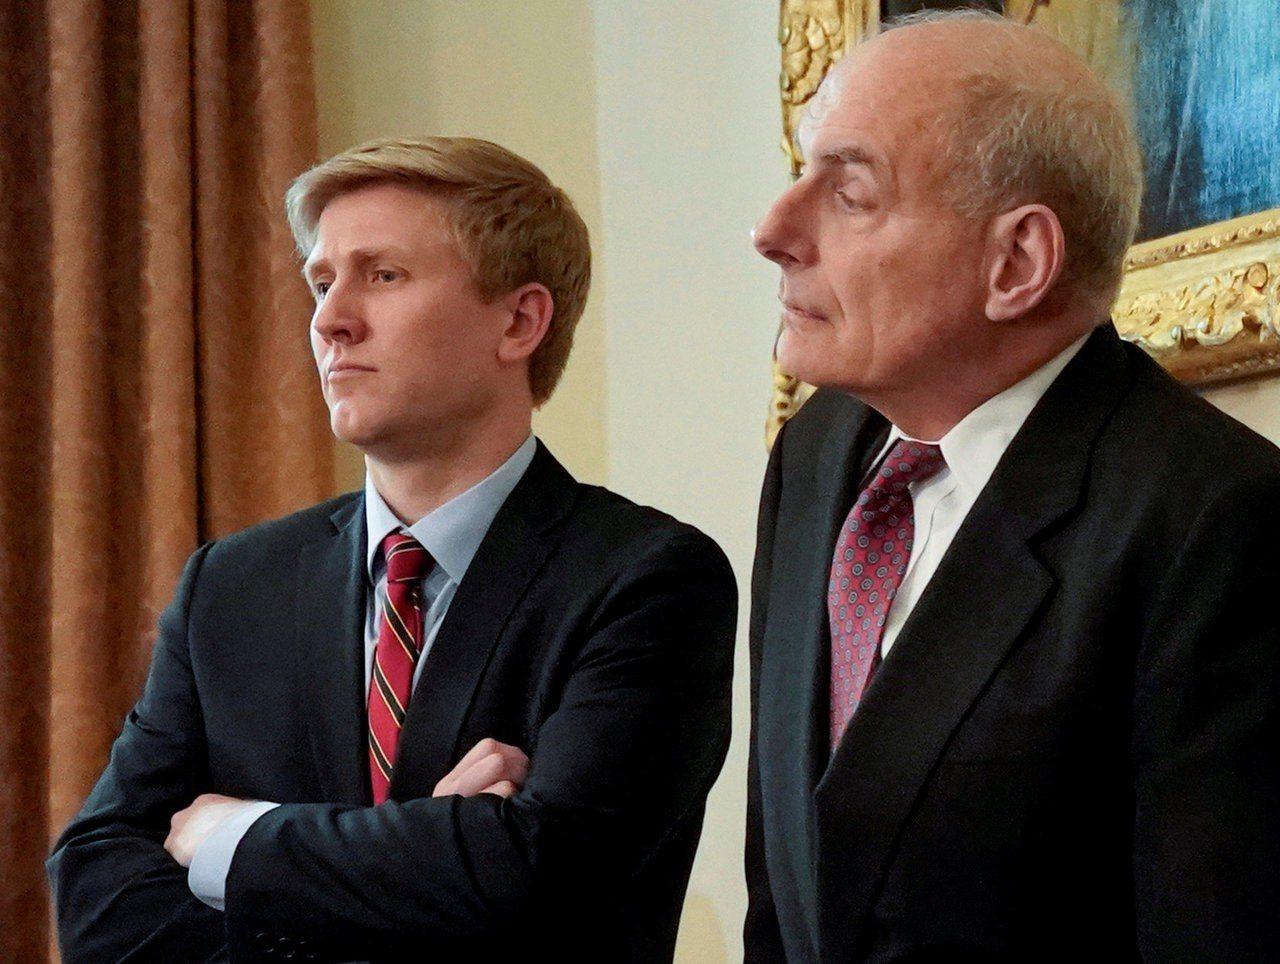 將在年底離職的白宮幕僚長凱利(右) 與外傳美國總統川普中意的幕僚長替代人選艾爾斯...